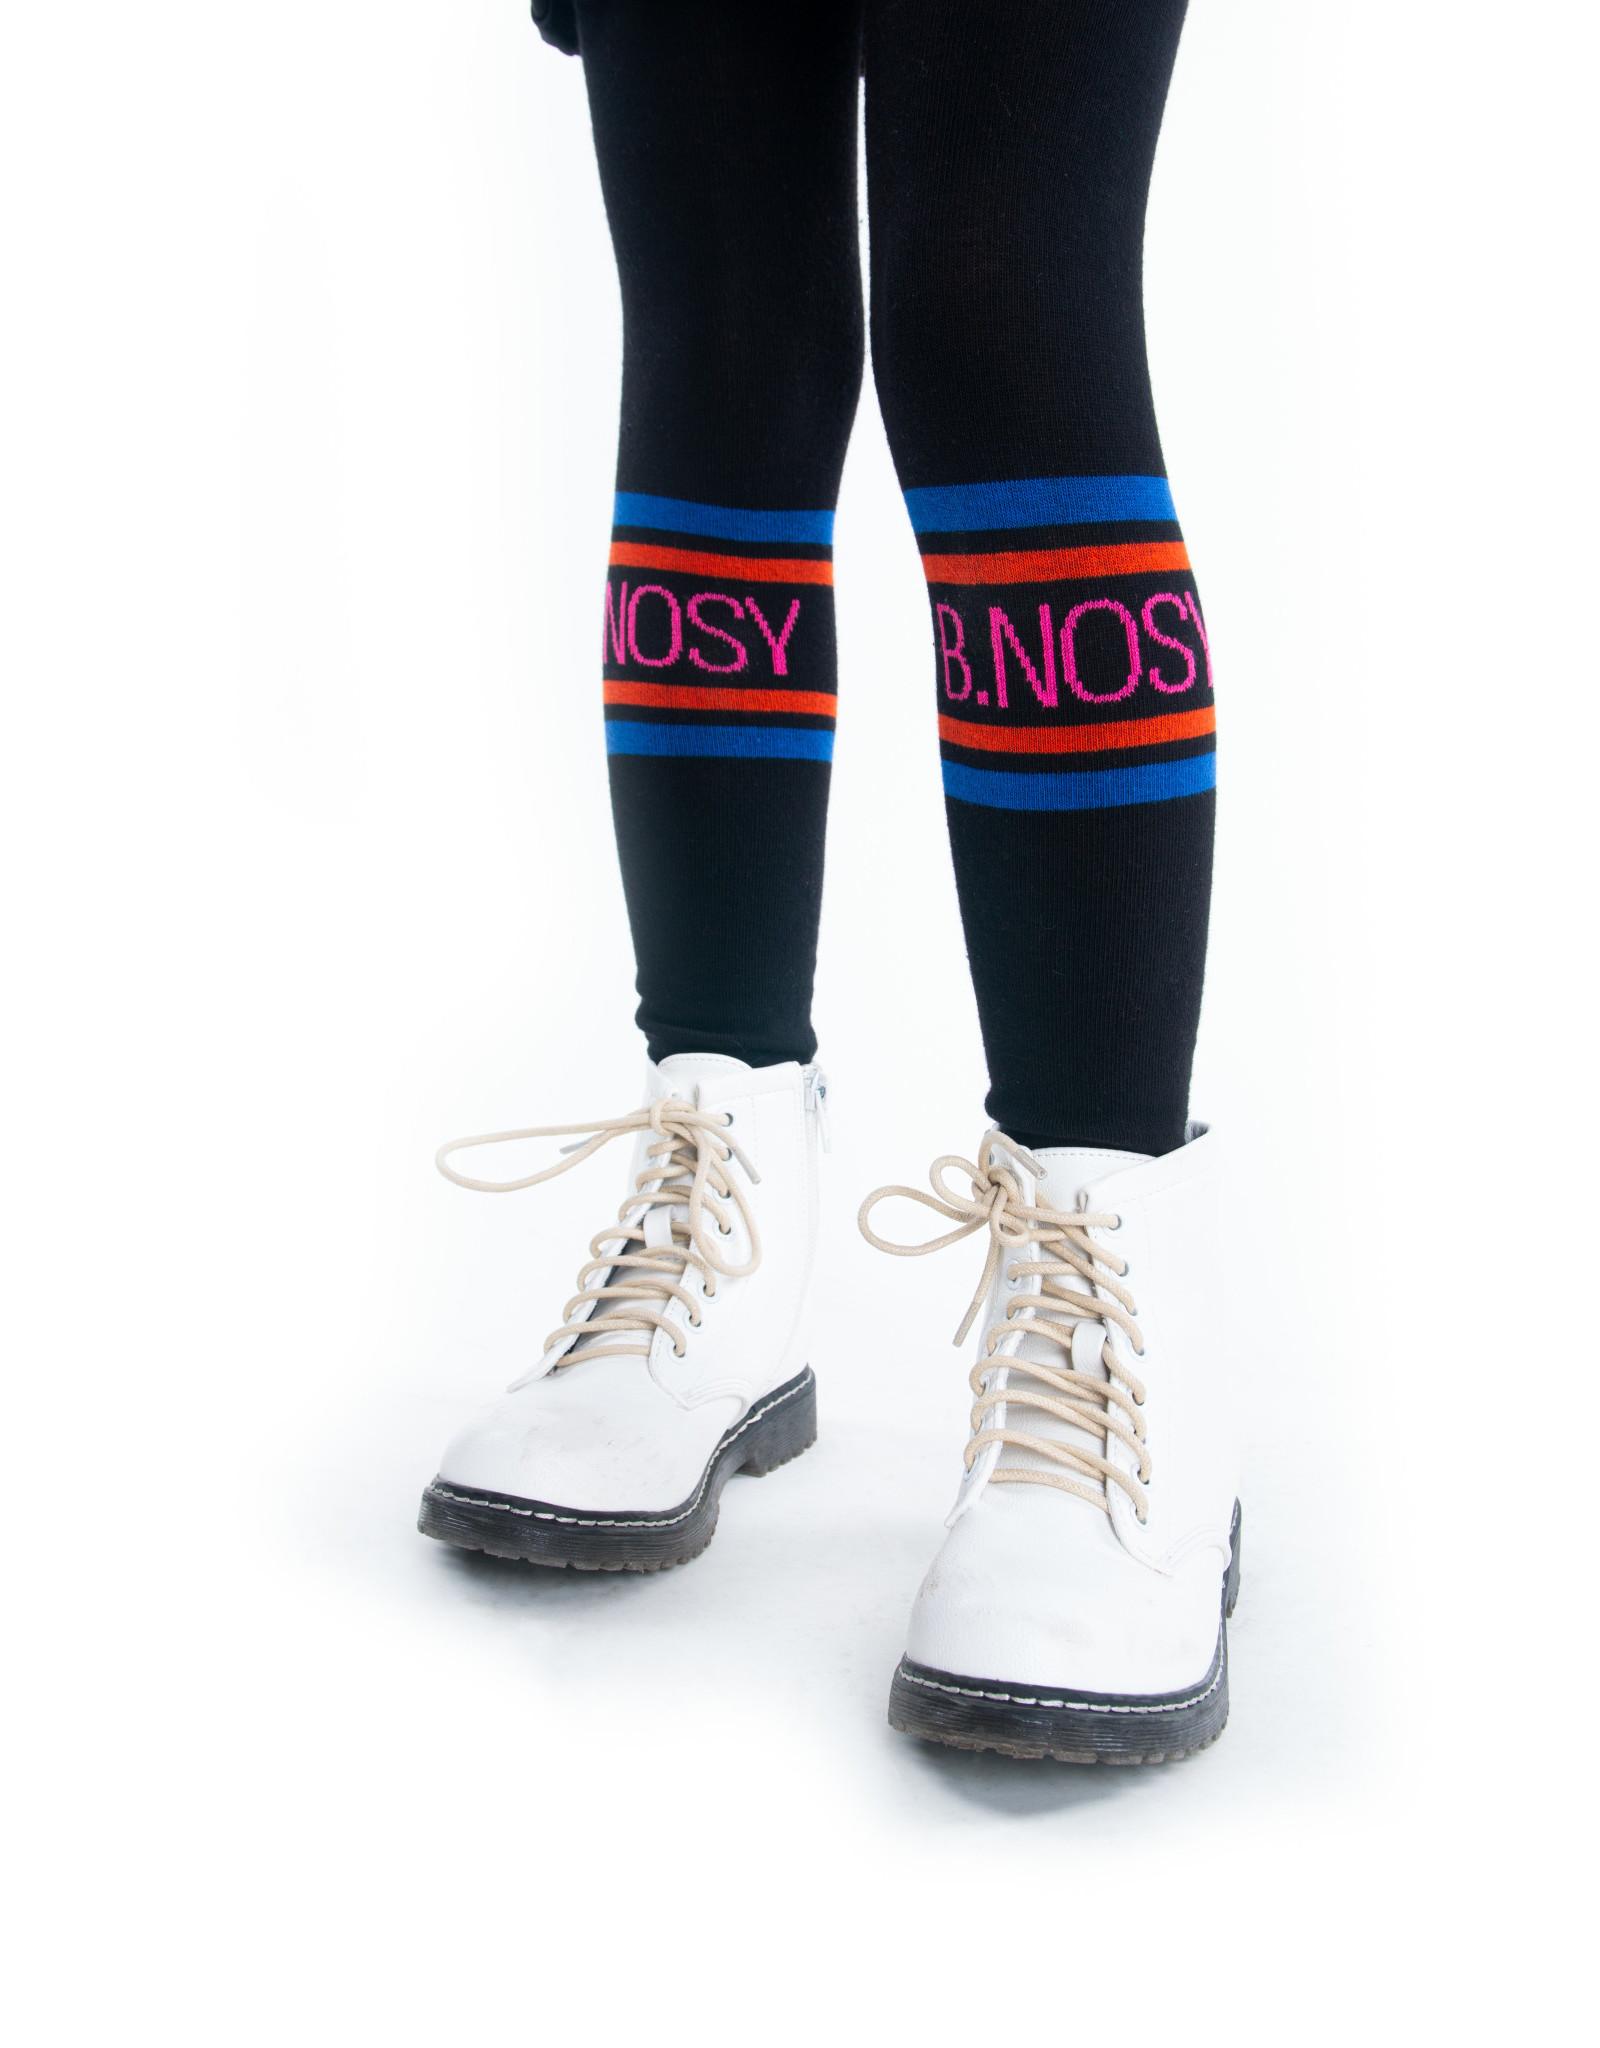 B.Nosy B.Nosy meisjes maillot B.Nosy balk Black